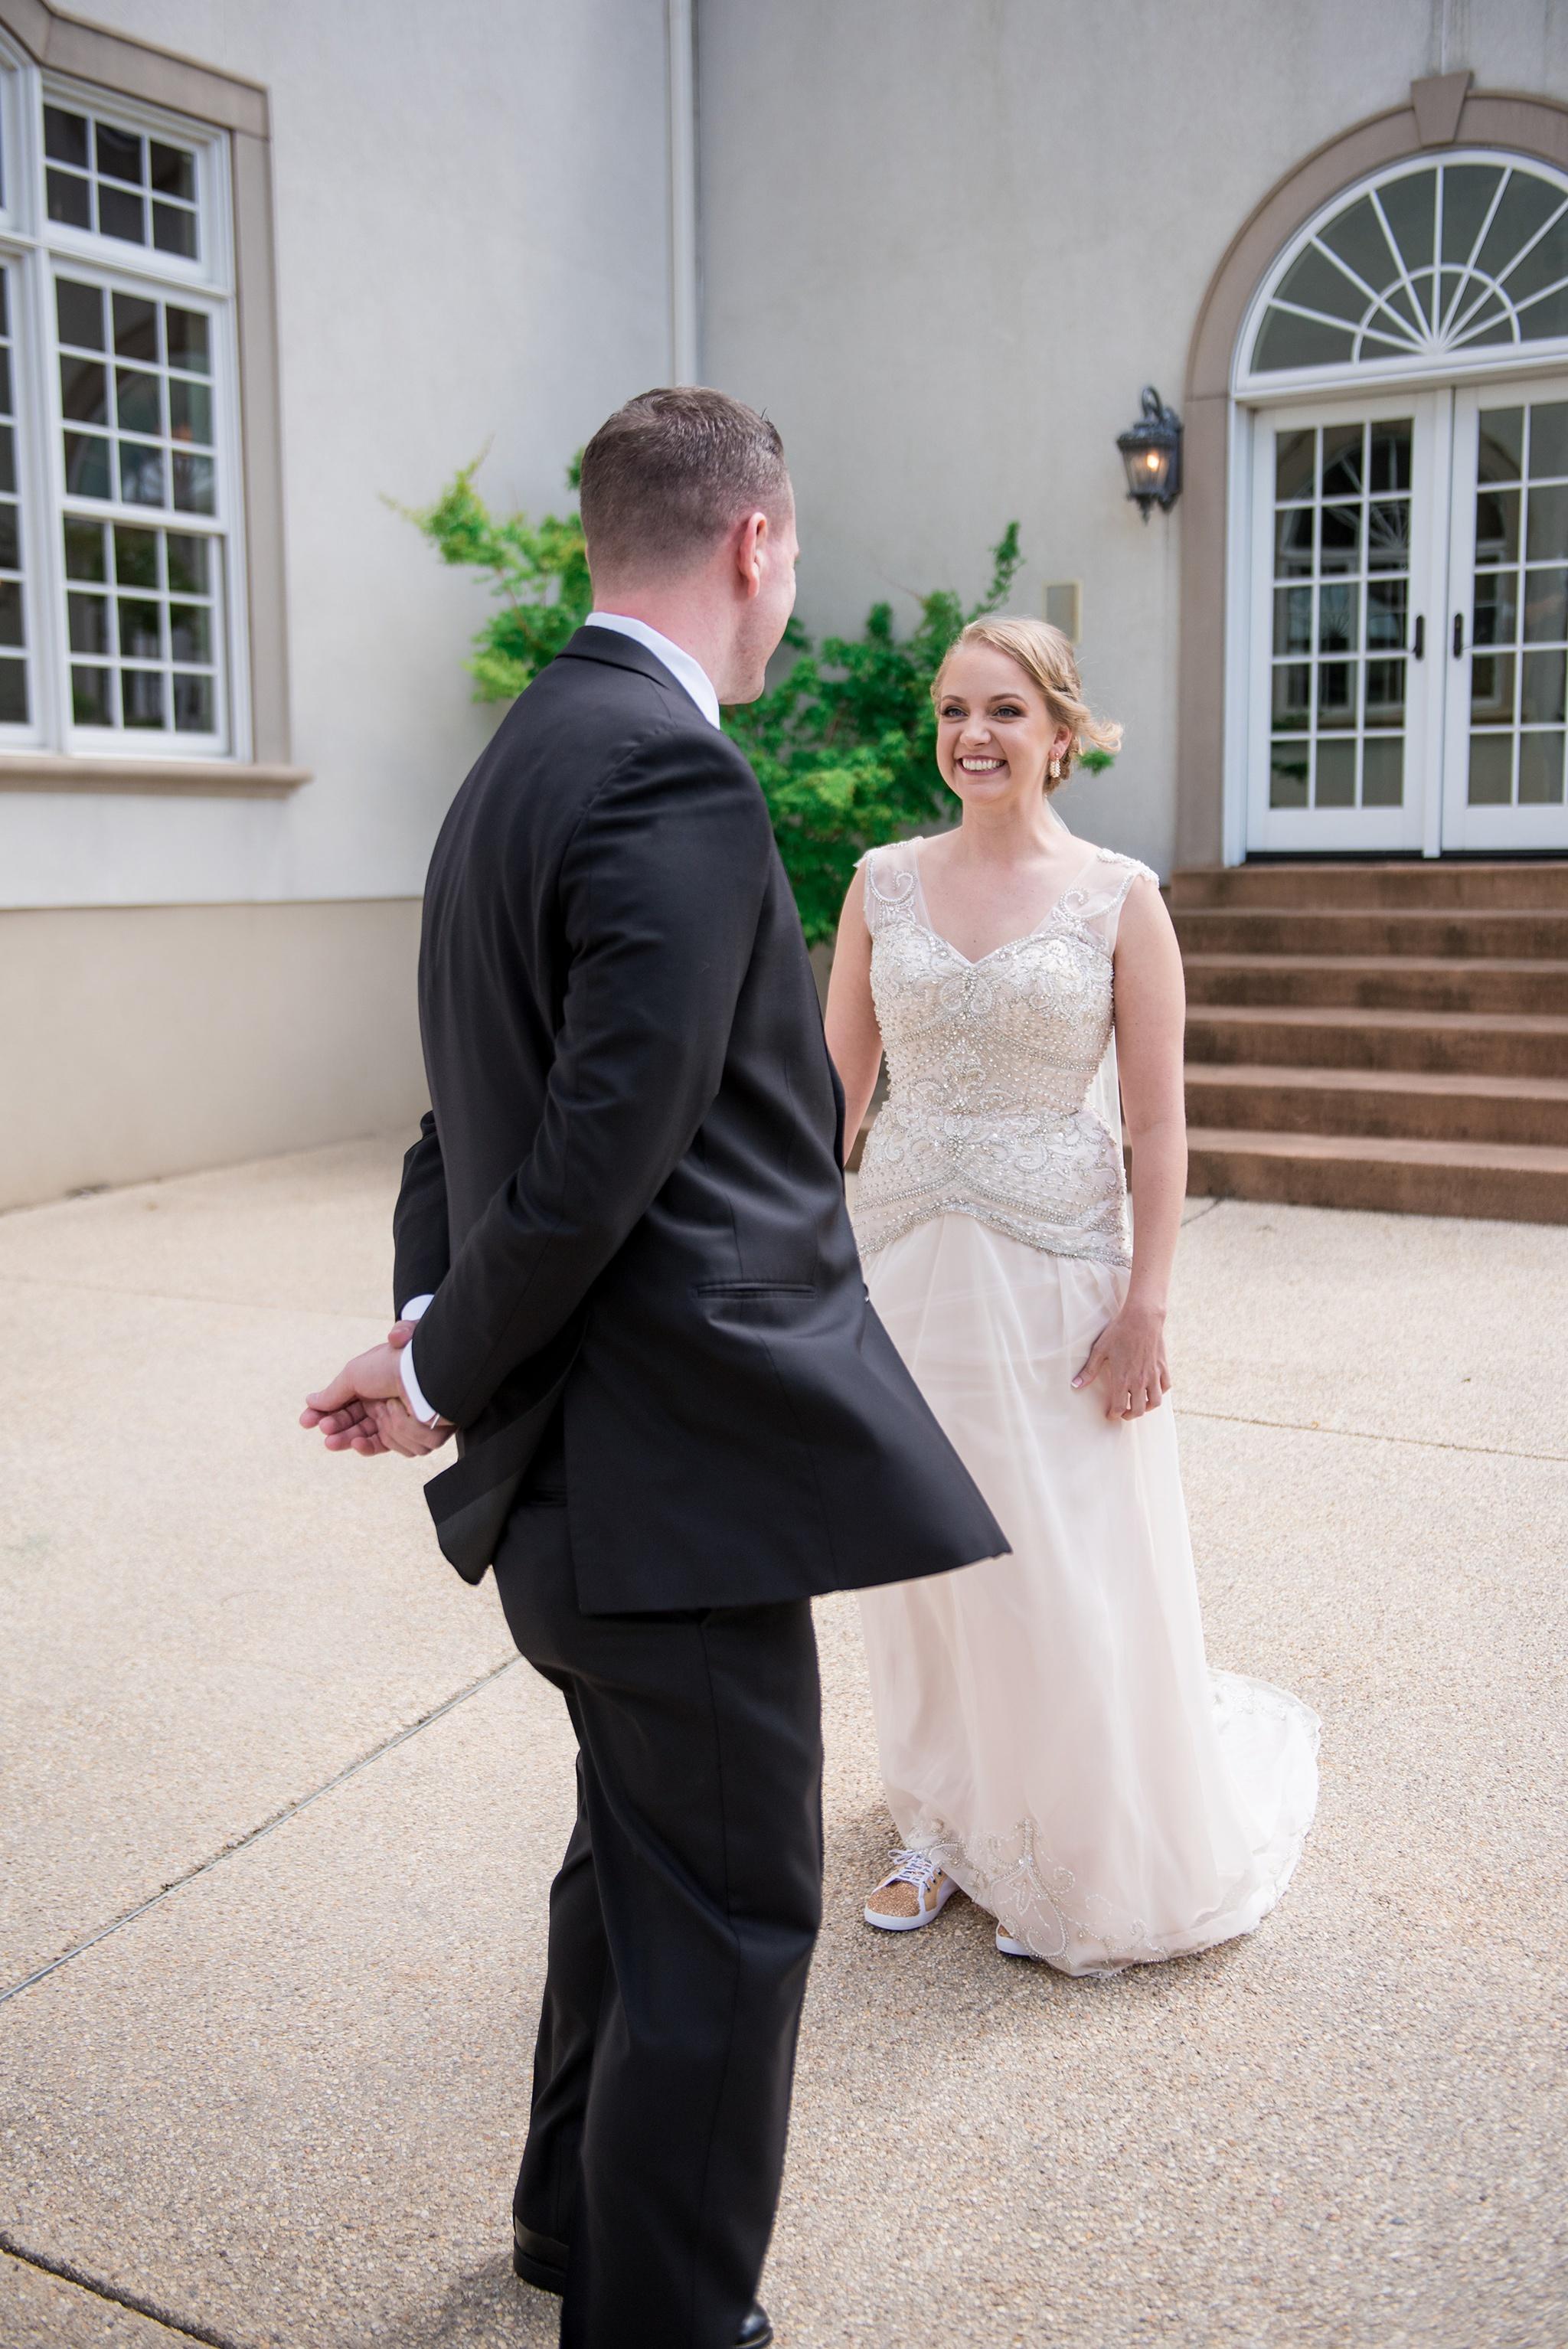 KelliandJohn.Married-125.jpg